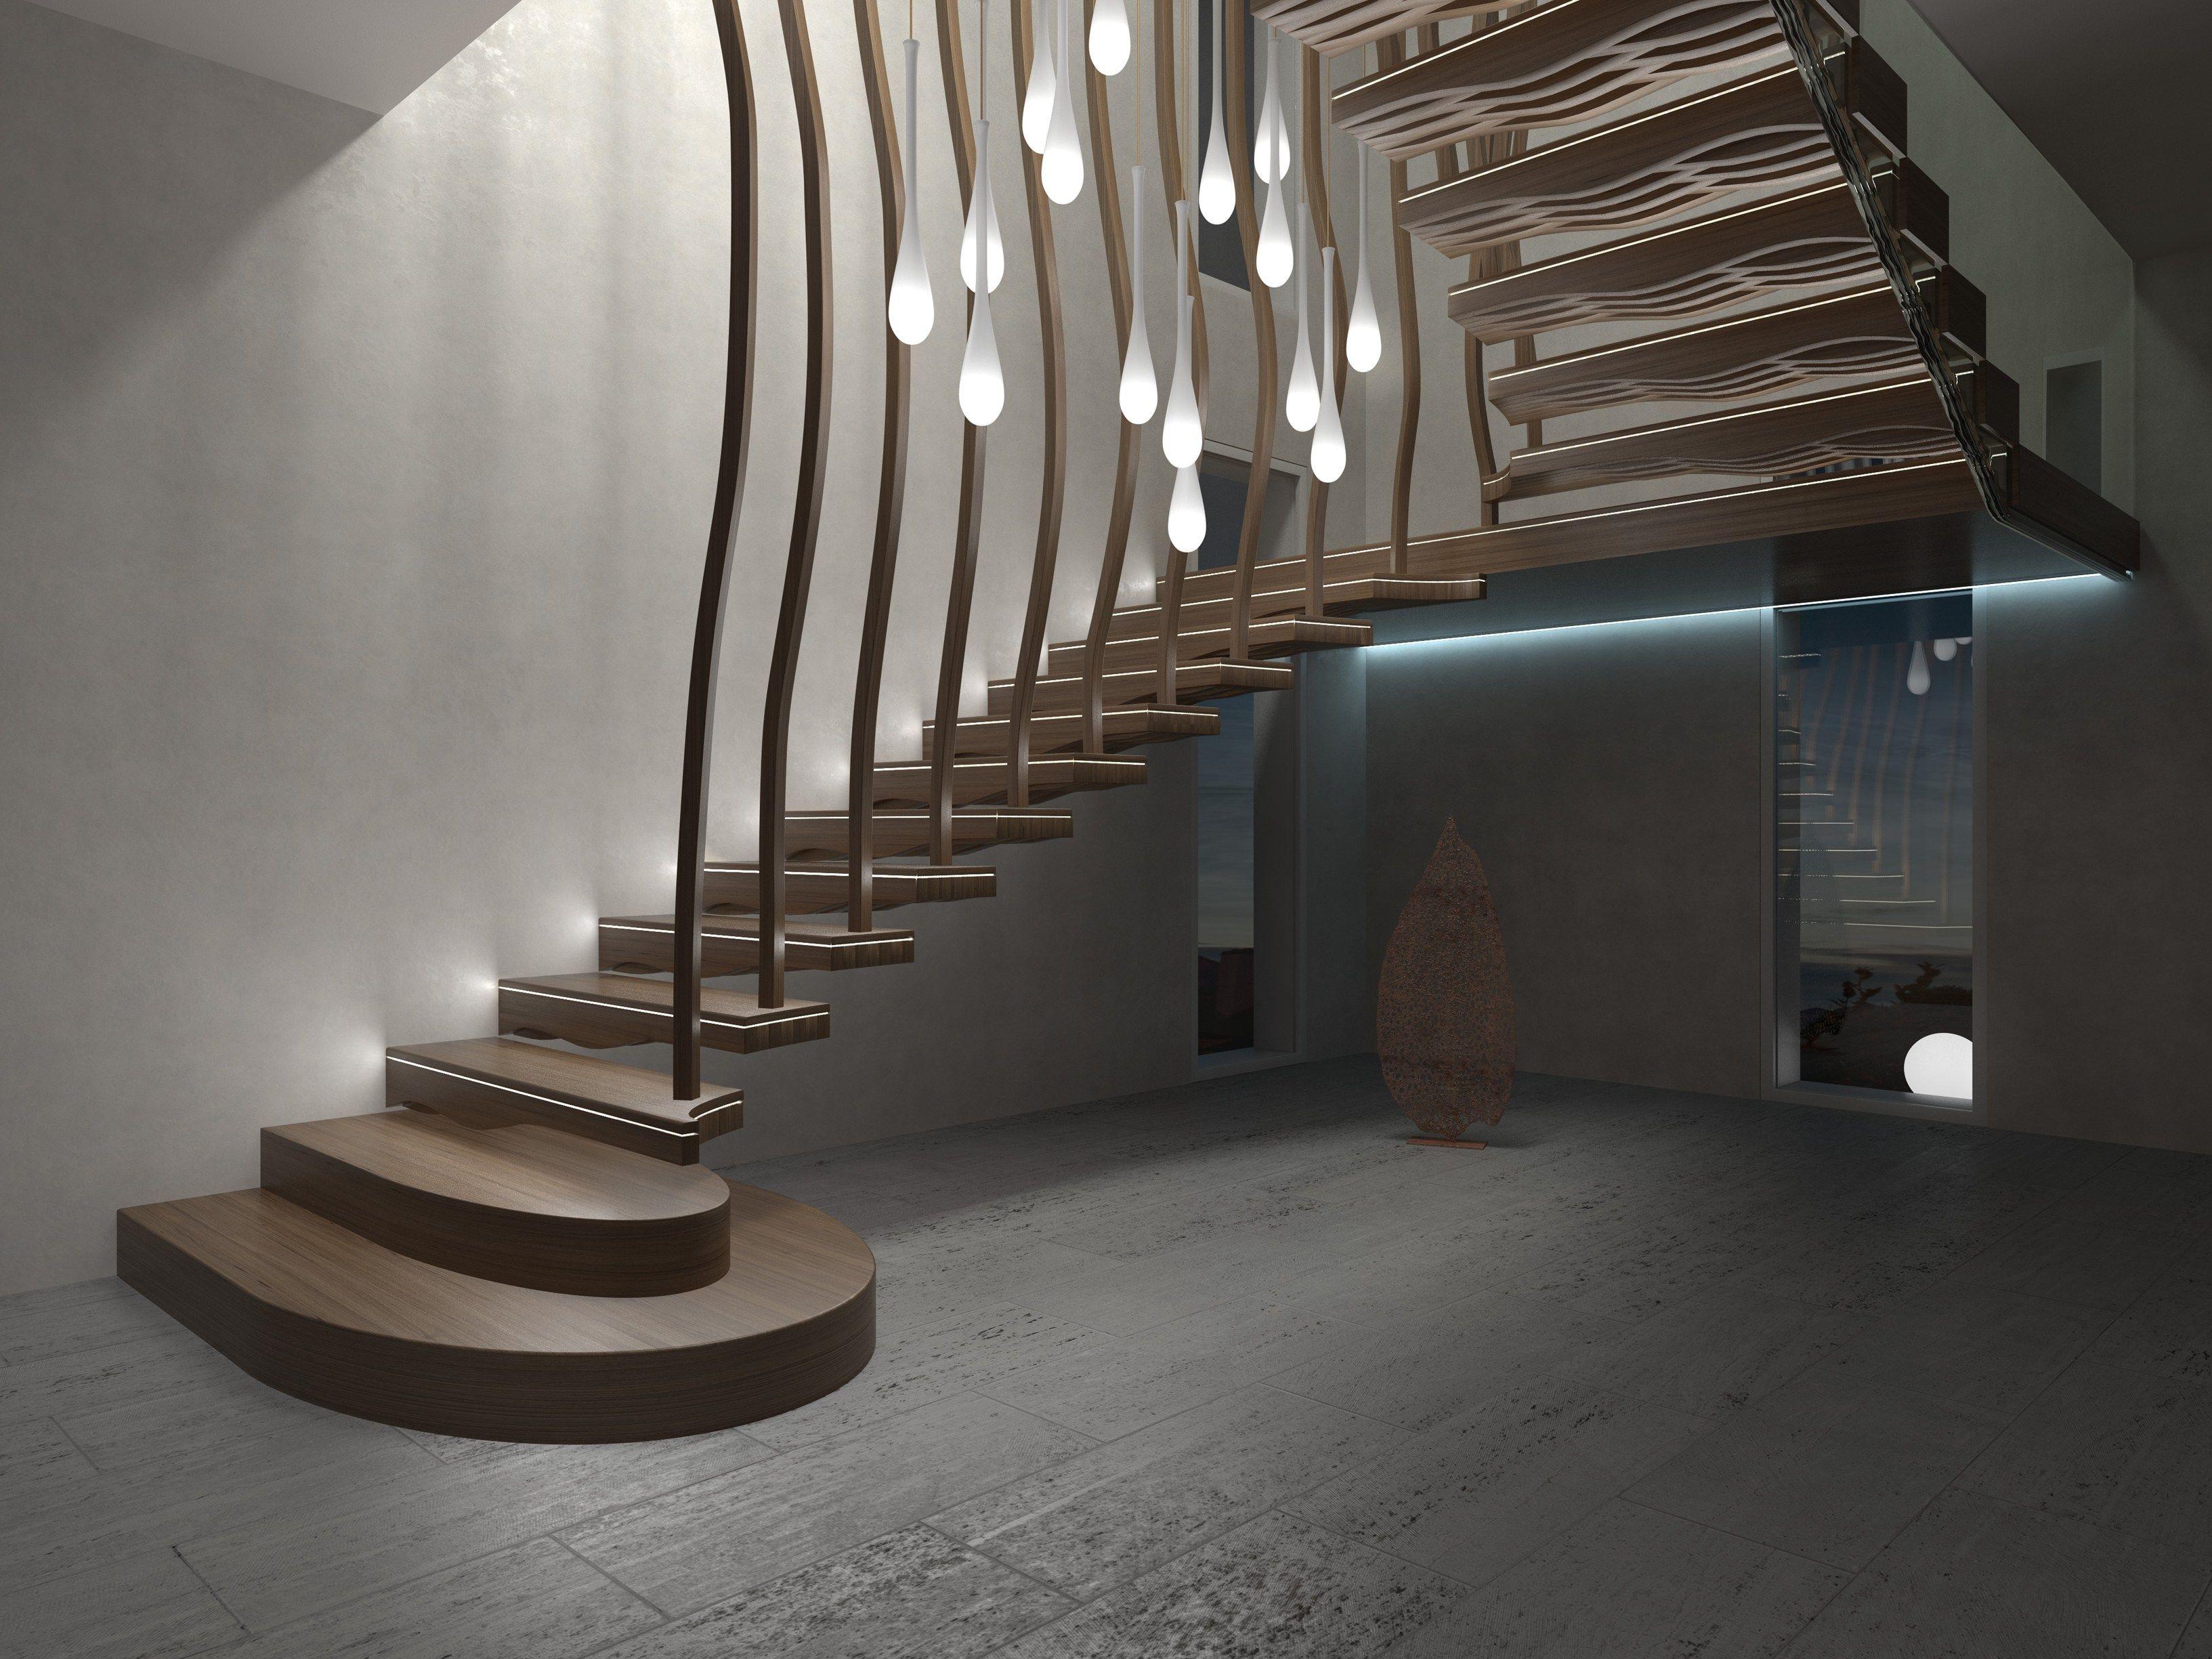 escalera volada de madera maciza wave by siller treppen diseo siller stairs